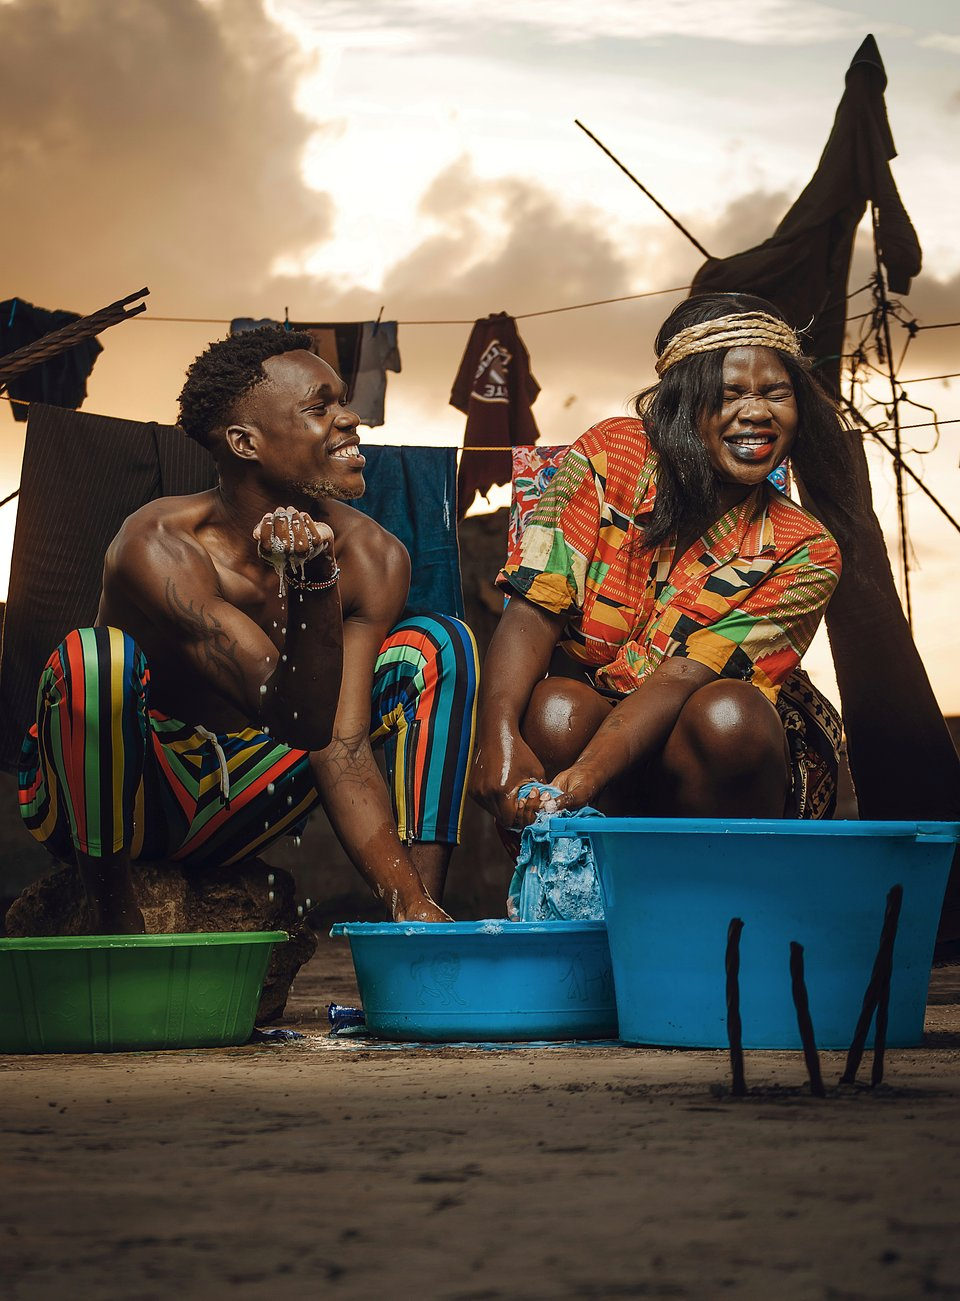 Ubicación: Dandora, Nairobi, Kenya